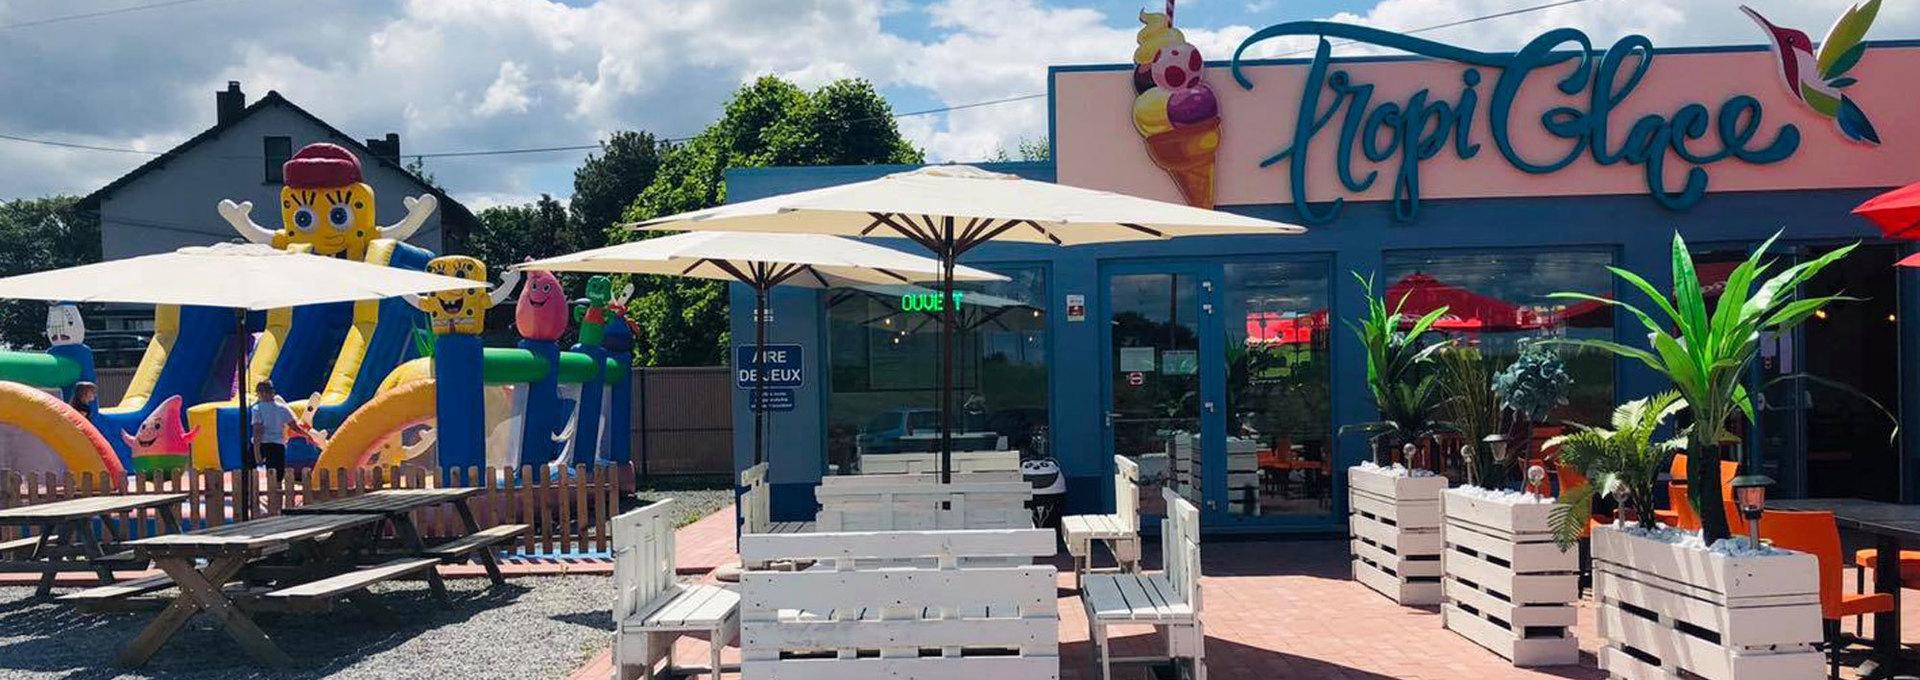 Tropi Glace - Maison vente et fabrication de glace artisanale sur place et à emporter – Snack Grill Amarena